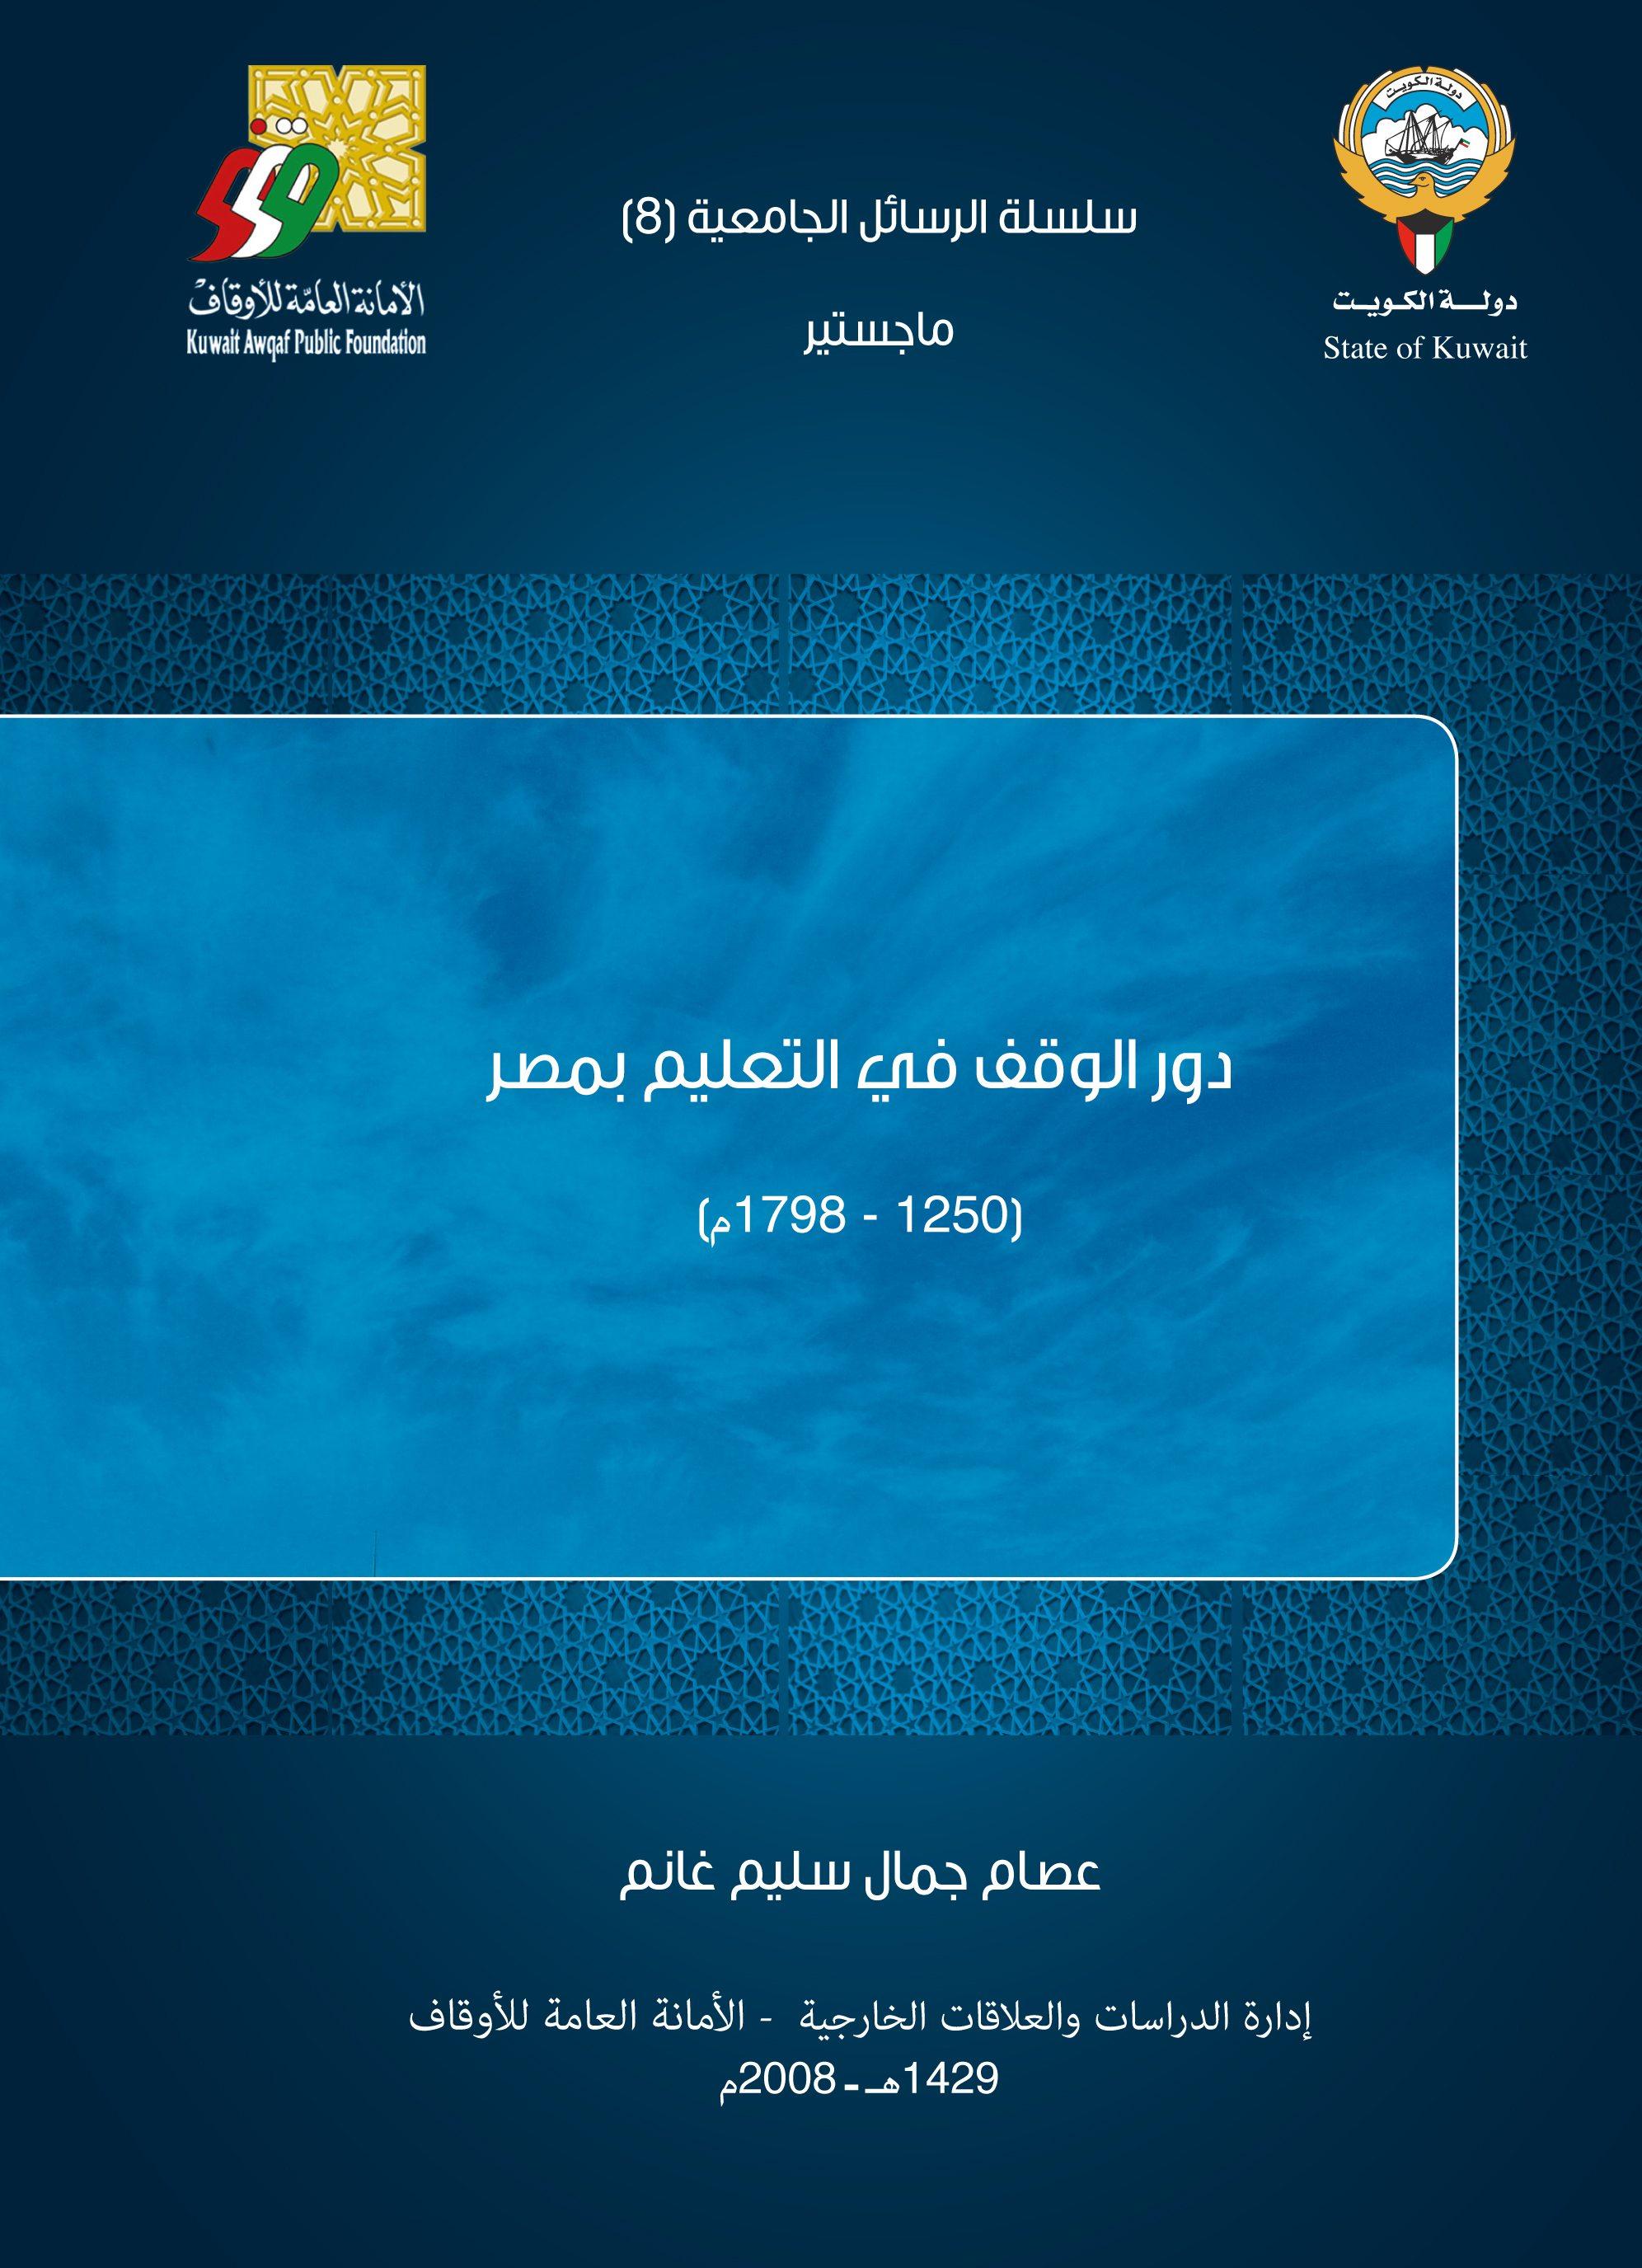 دور الوقف في التعليم بمصر (1250-1798م)